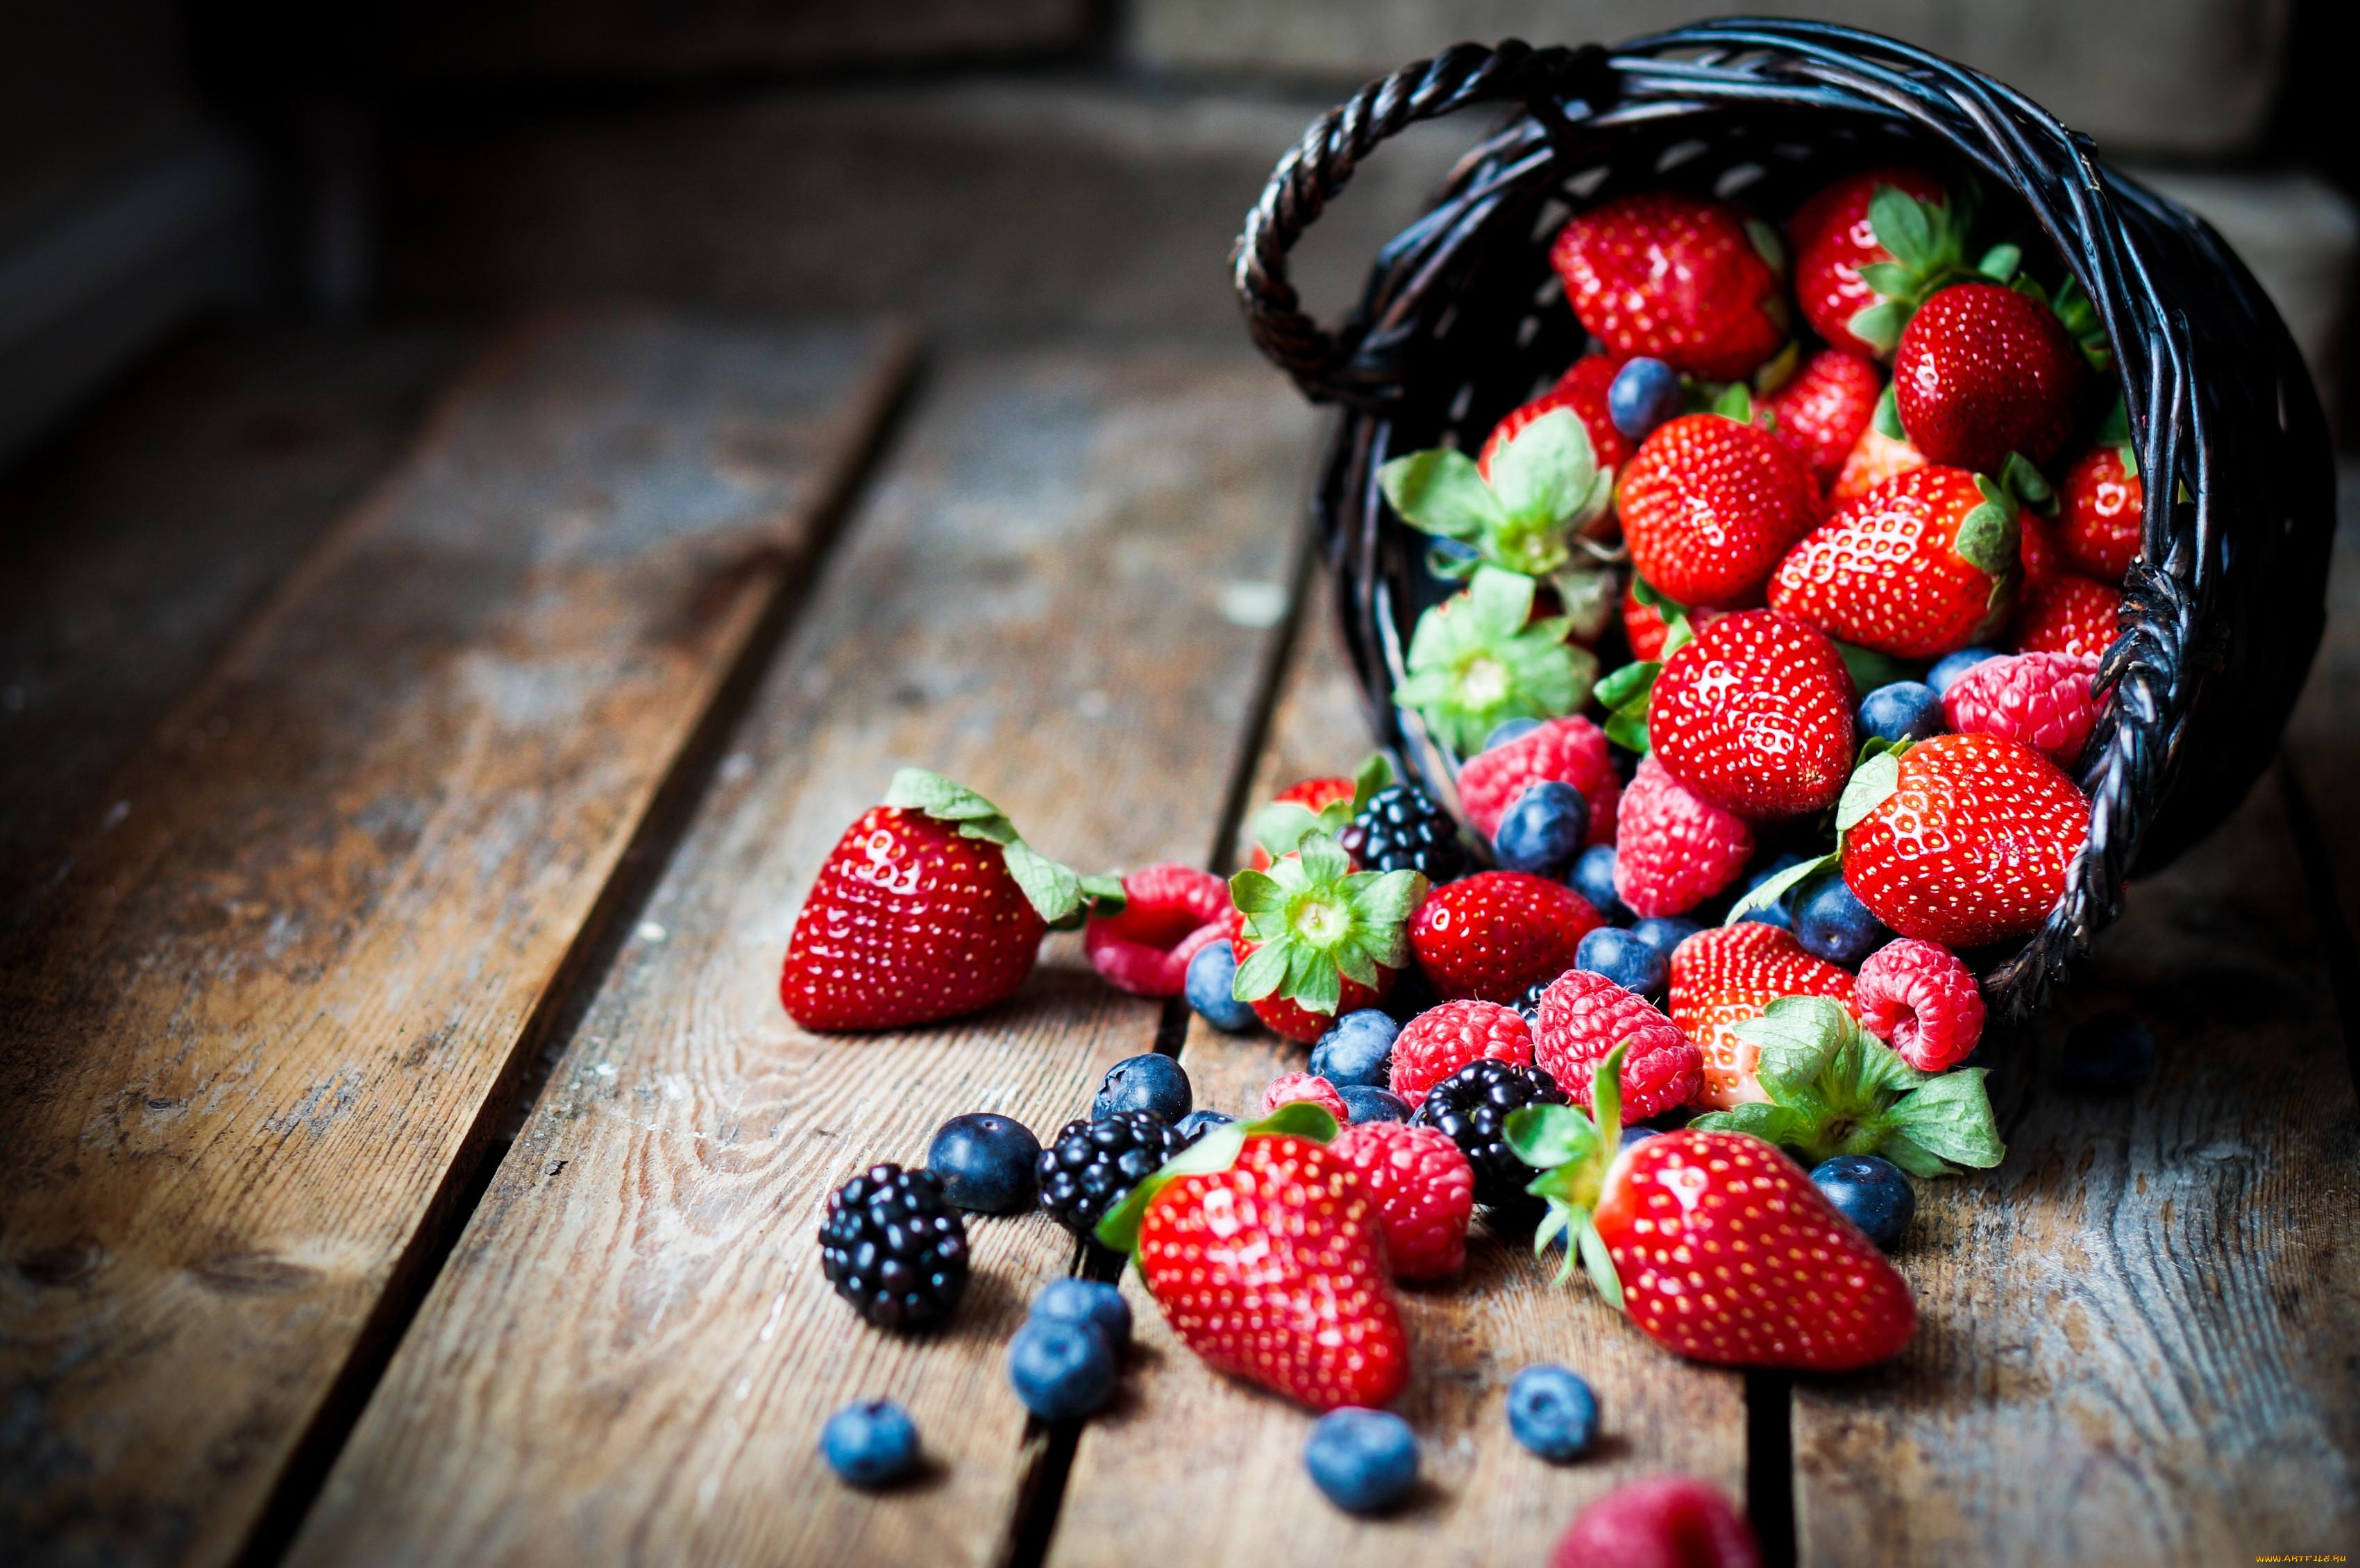 фото ягод и фруктов в хорошем качестве миньона дает право